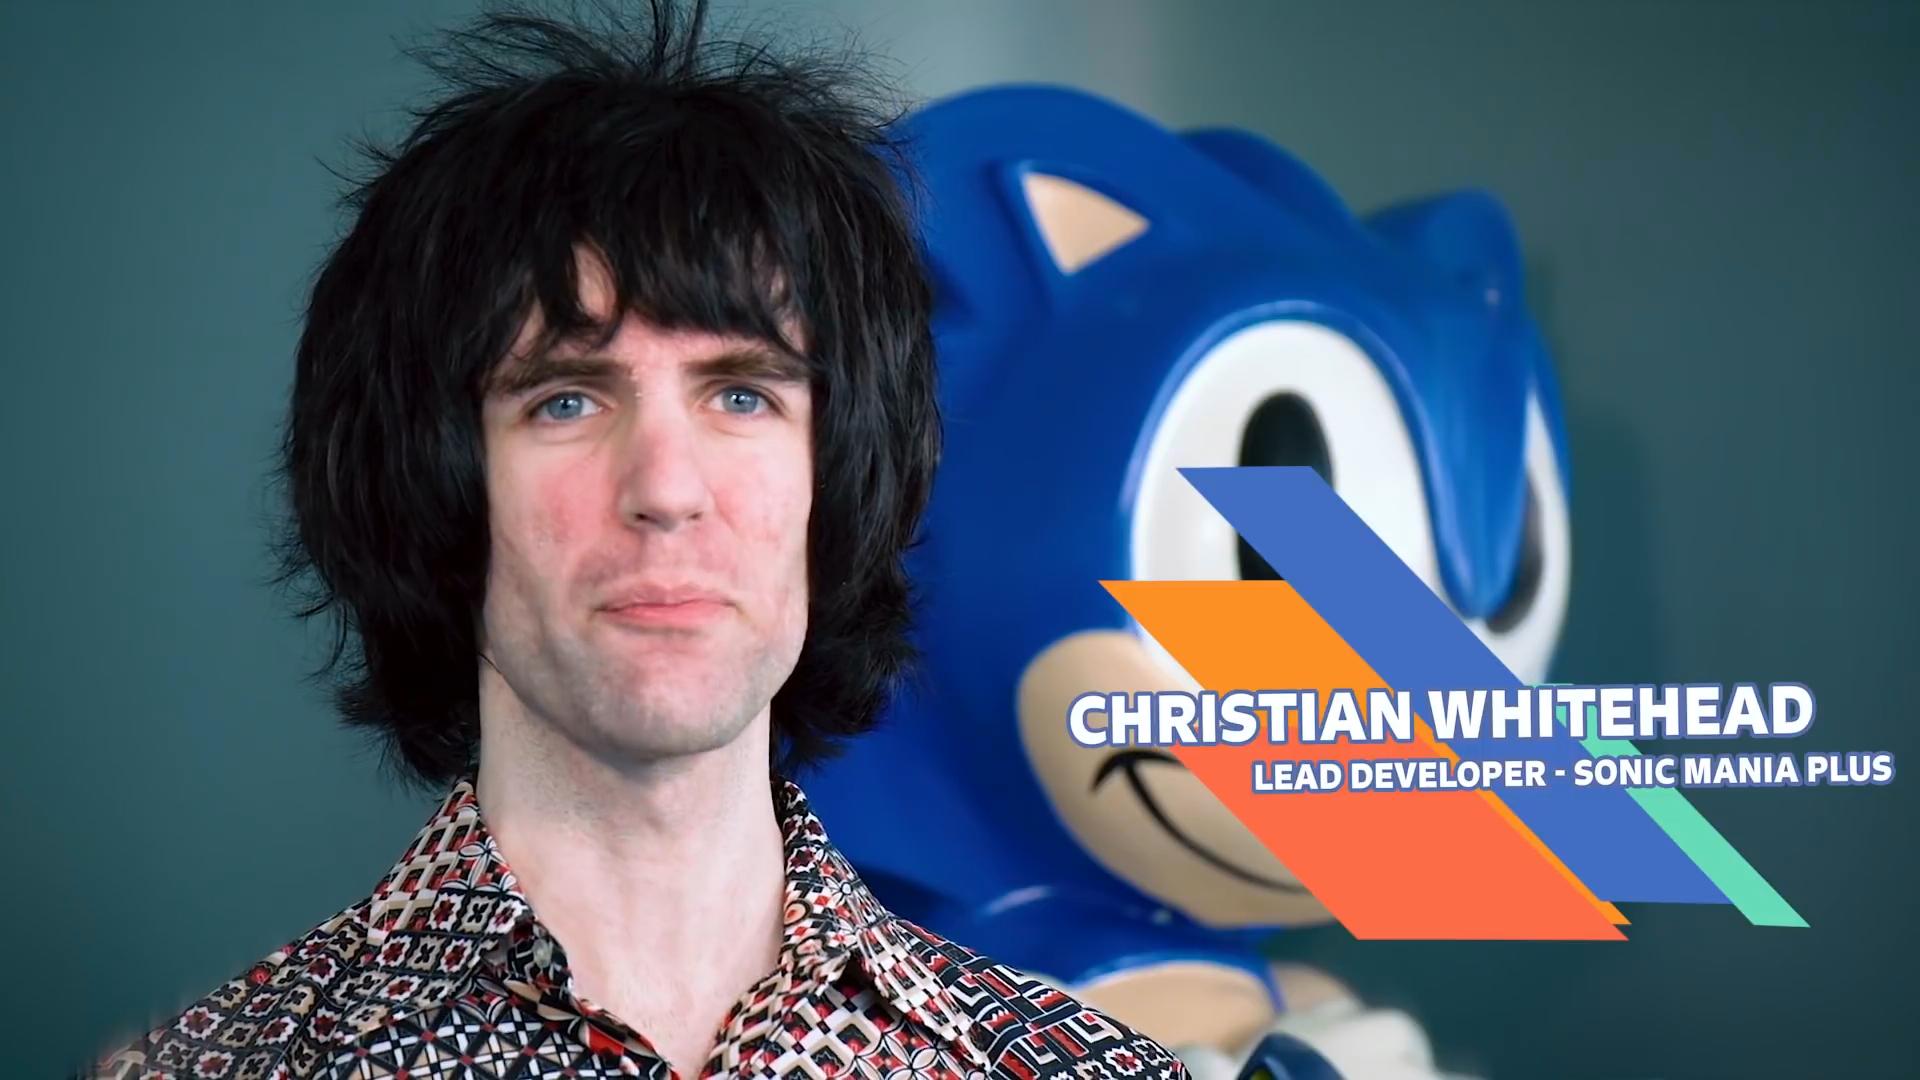 Christian Whitehead